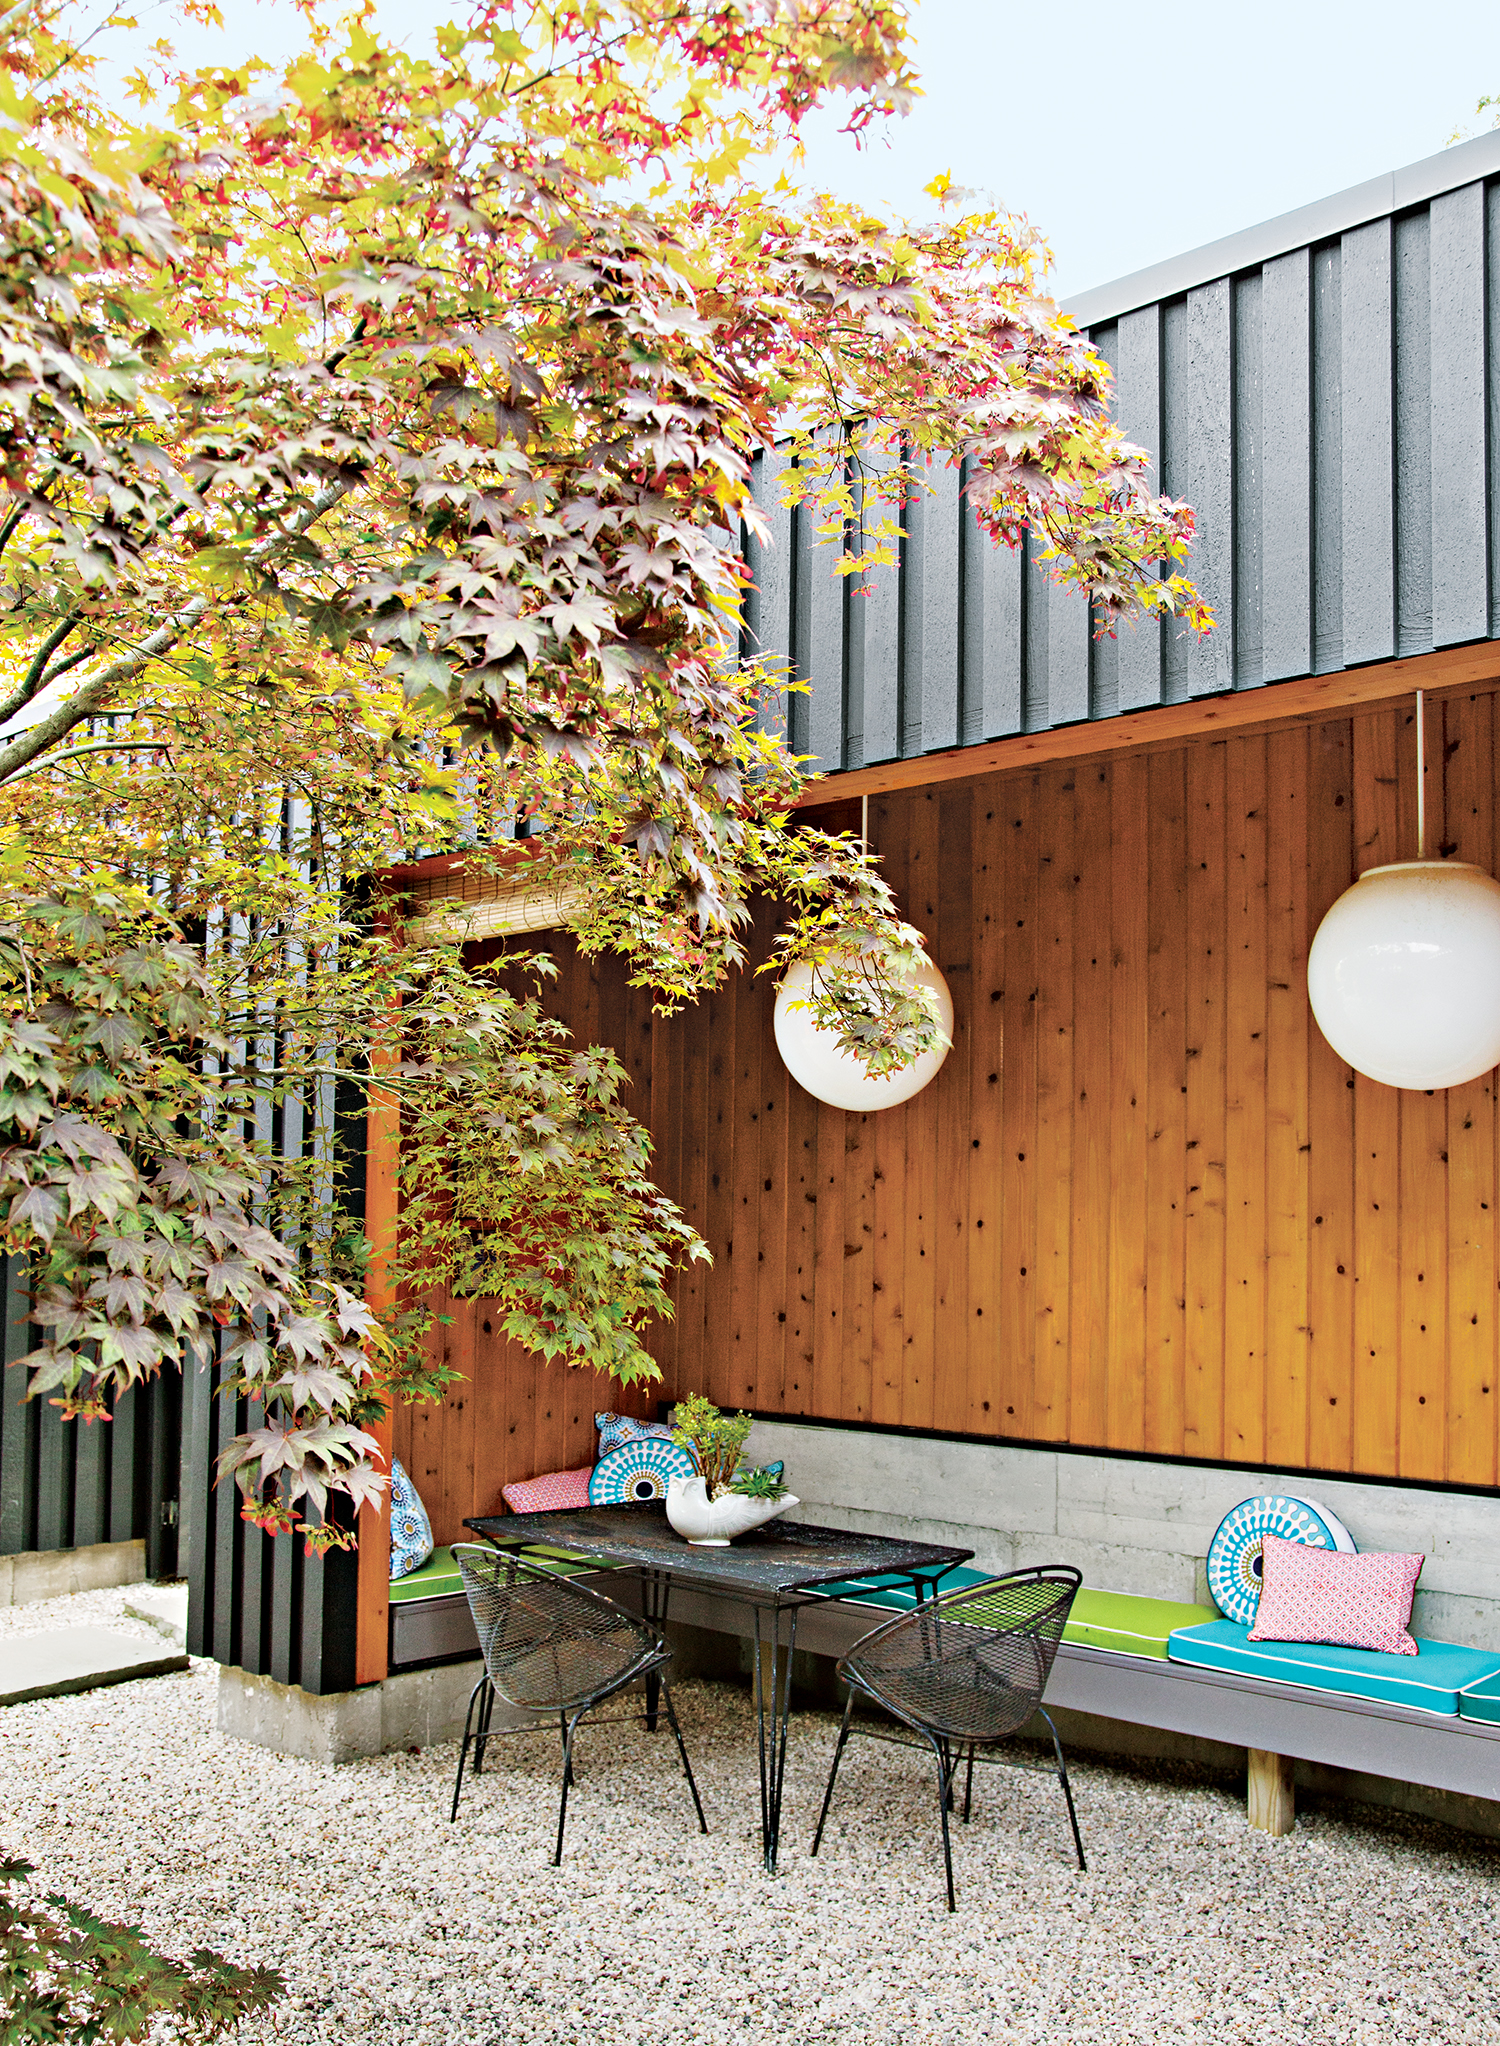 adler-doonan-patio-outdoor